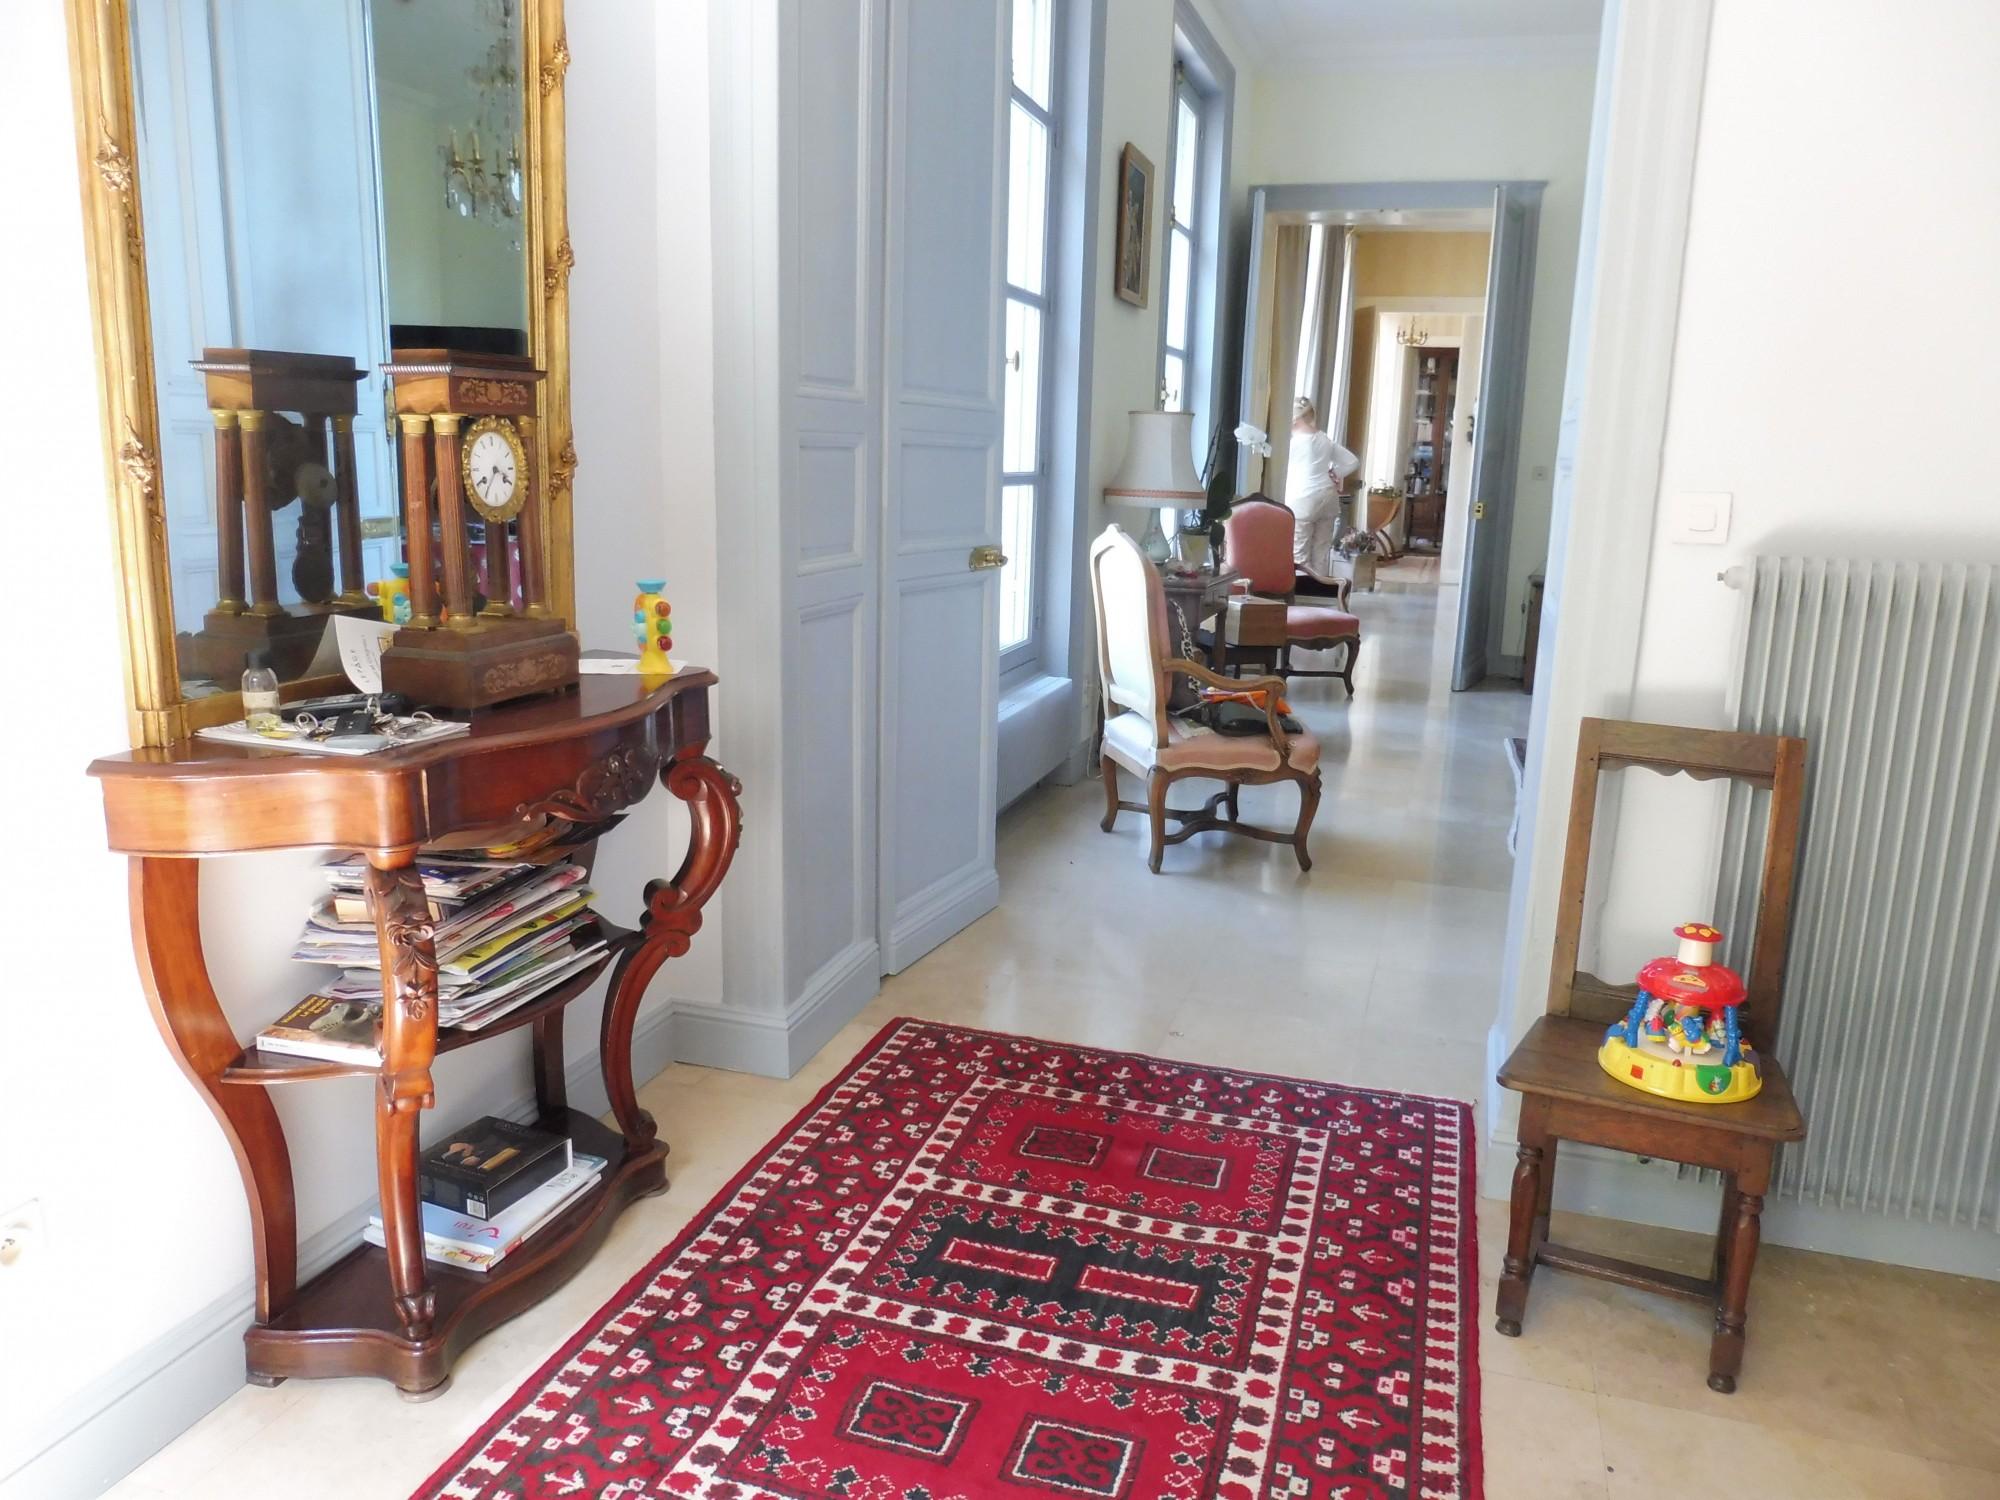 A vendre maison de charme et de caract re 76490 caudebec for Agence immobiliere yvetot